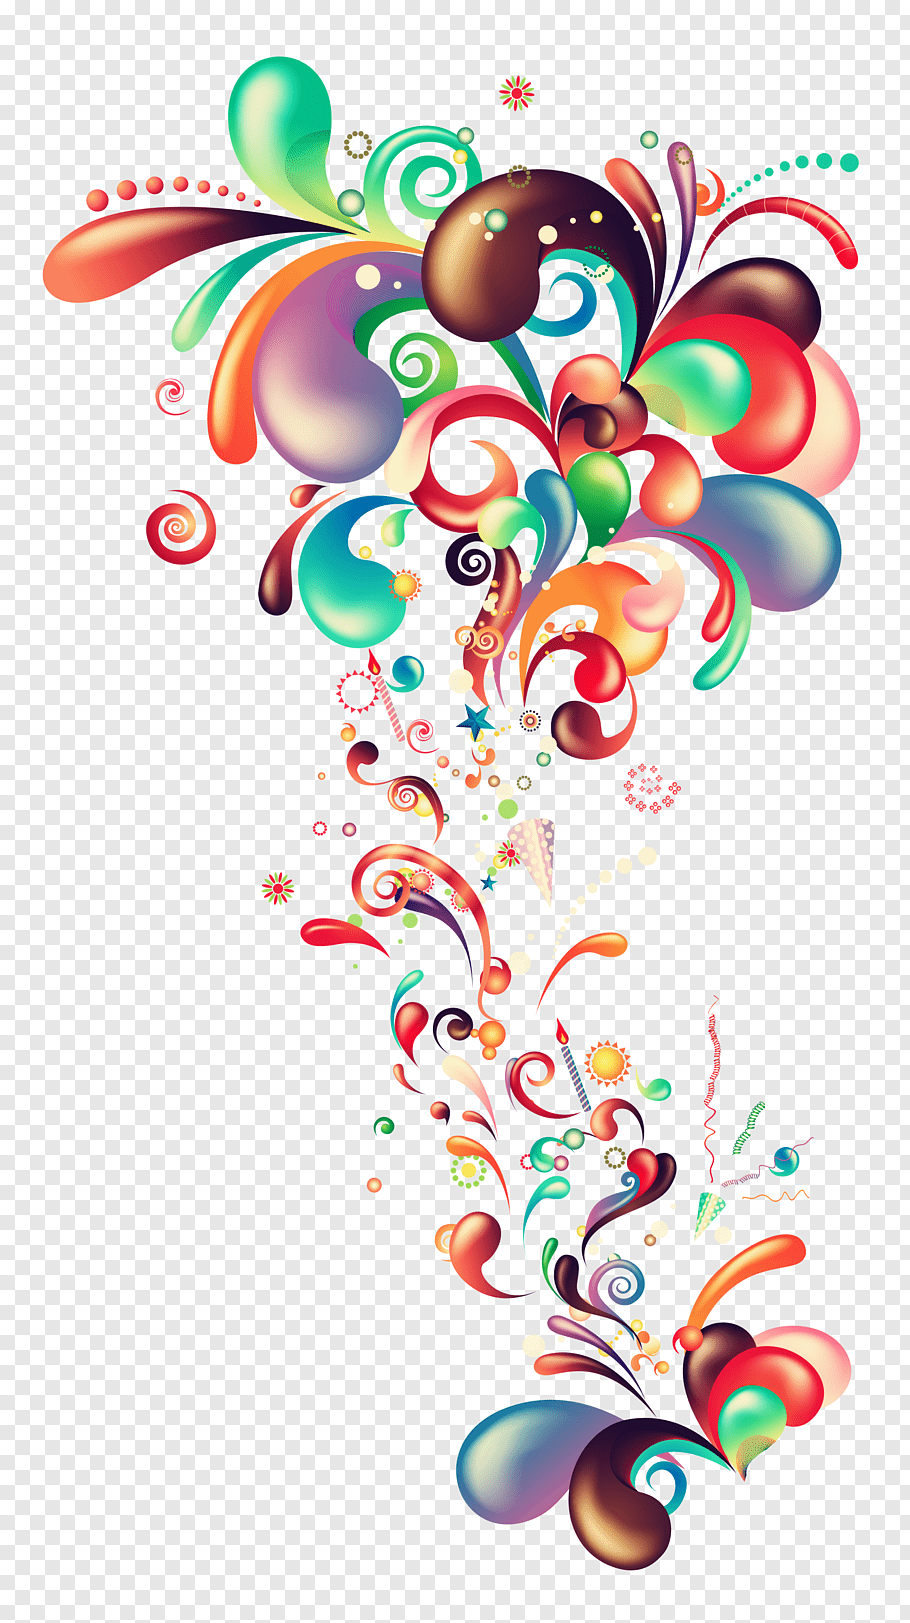 Red, green, and orange confetti illustration, Euclidean.